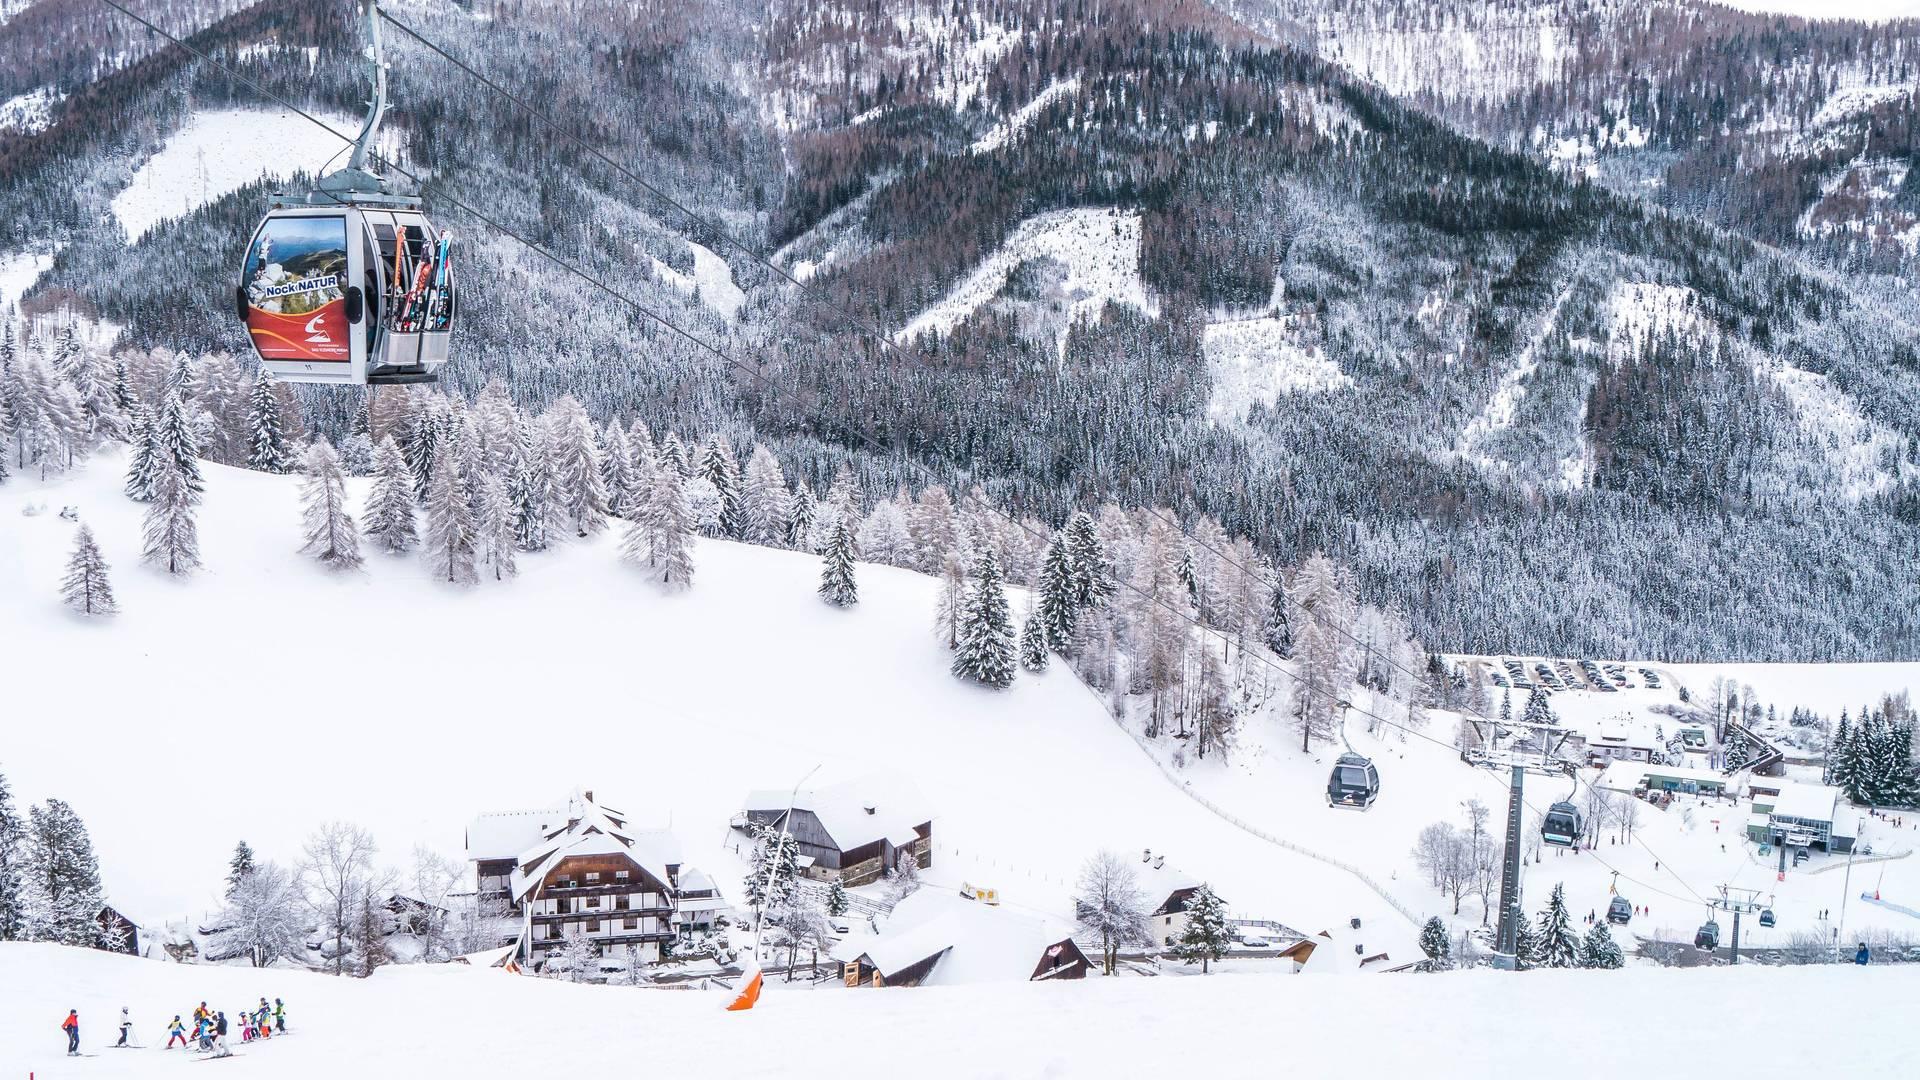 Biobauernhof Hinteregger Bad Kleinkirchheim_Winter in St. Oswald